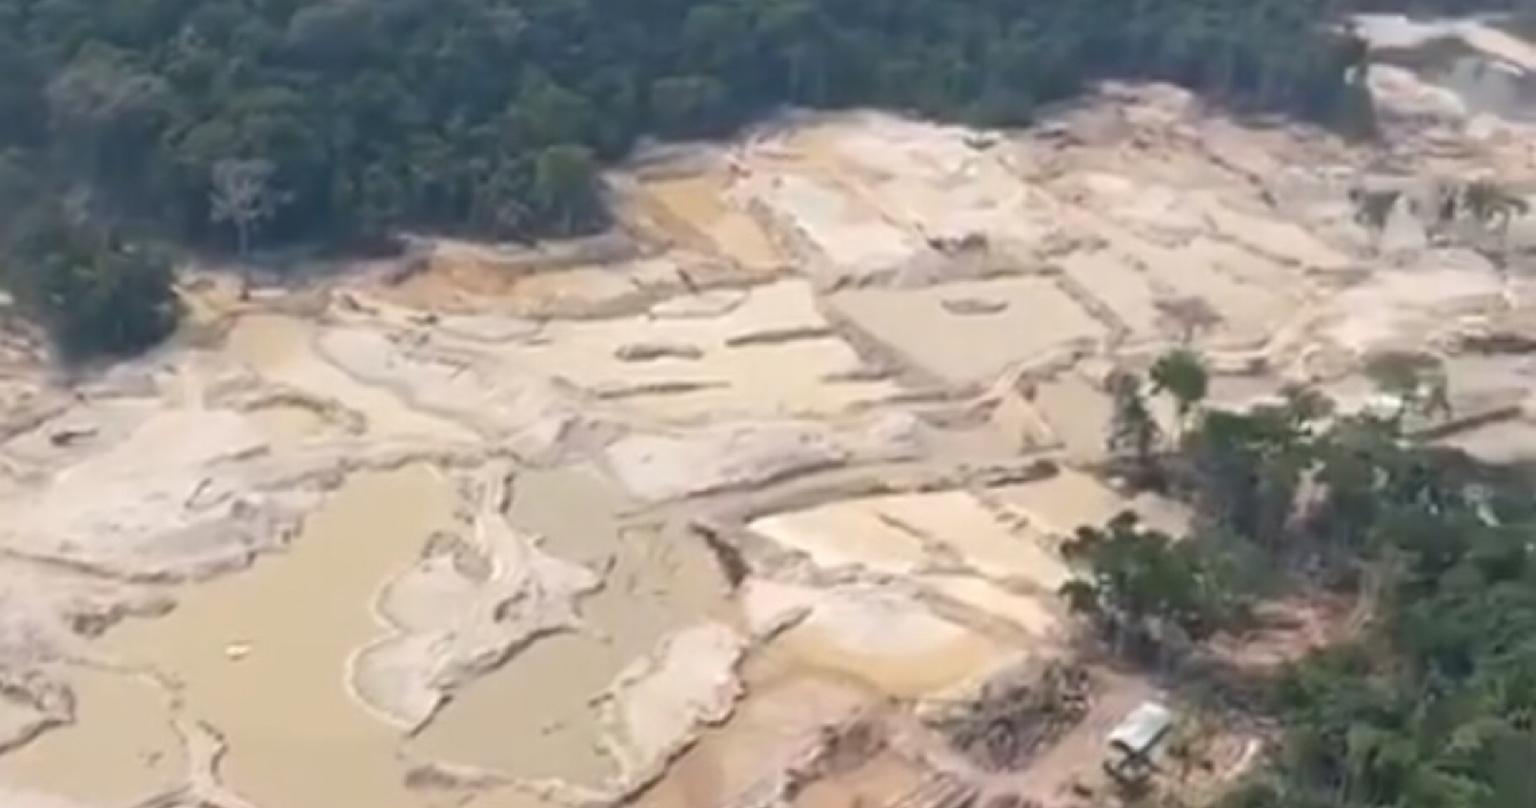 Governo interrompe ação de combate a garimpos ilegais em terra indígena no Pará